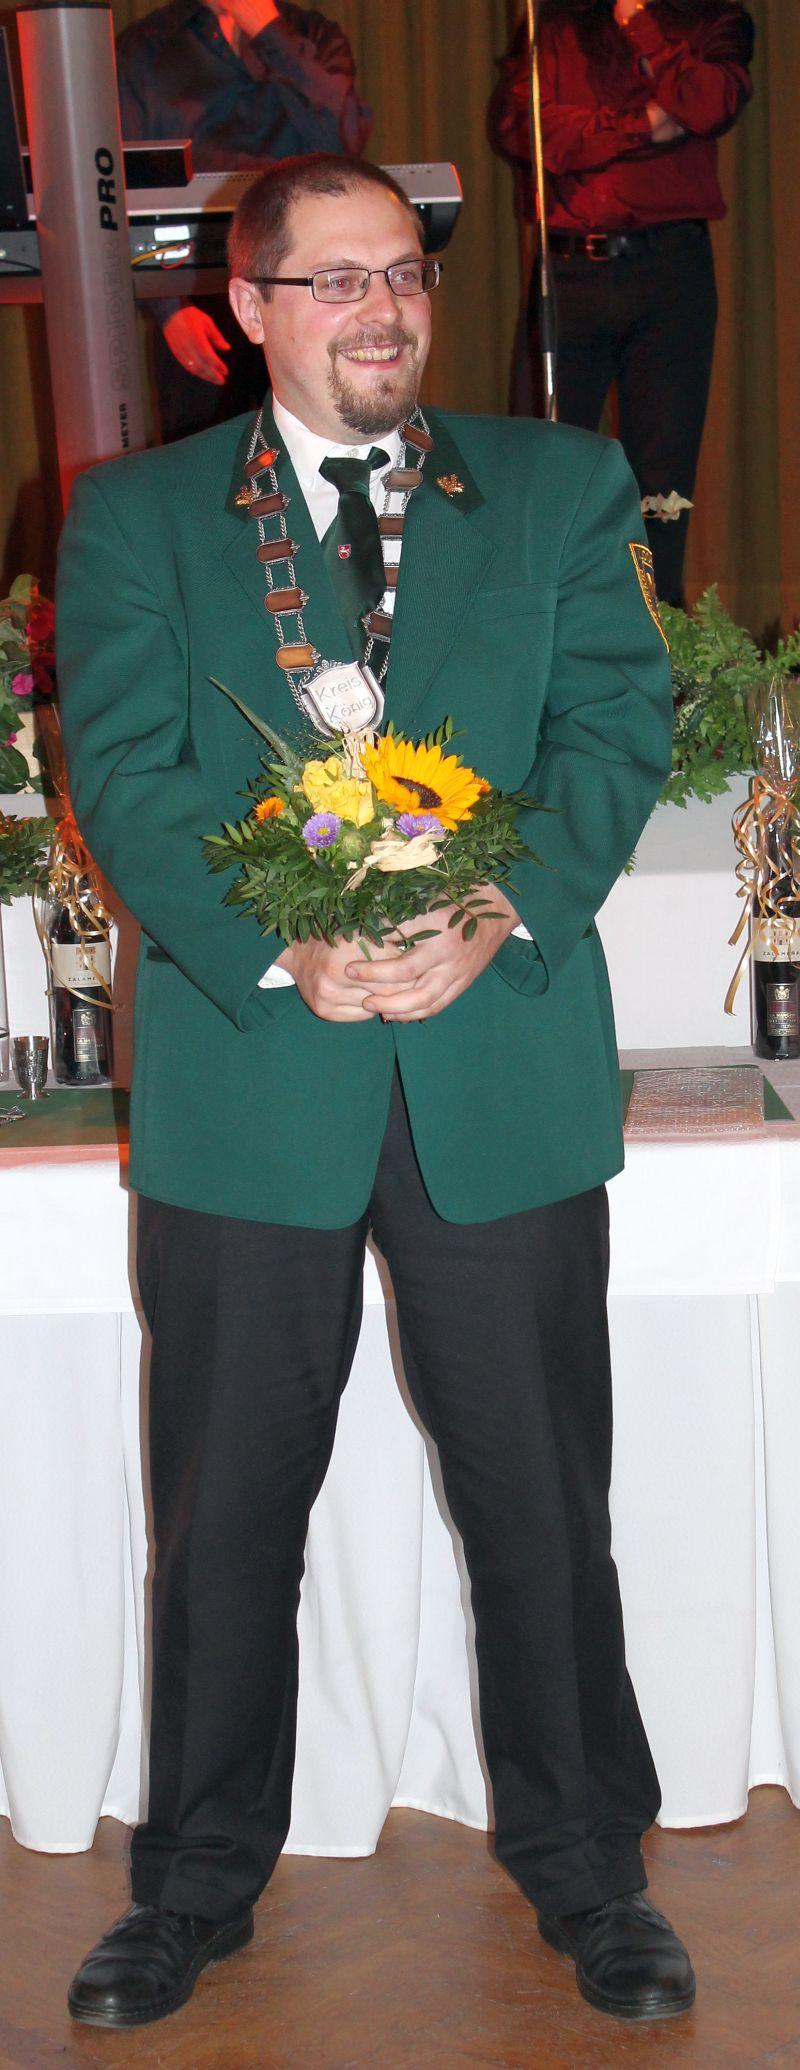 Björn Buchholz kreiskönigsball 2014 schützenverein lochtum